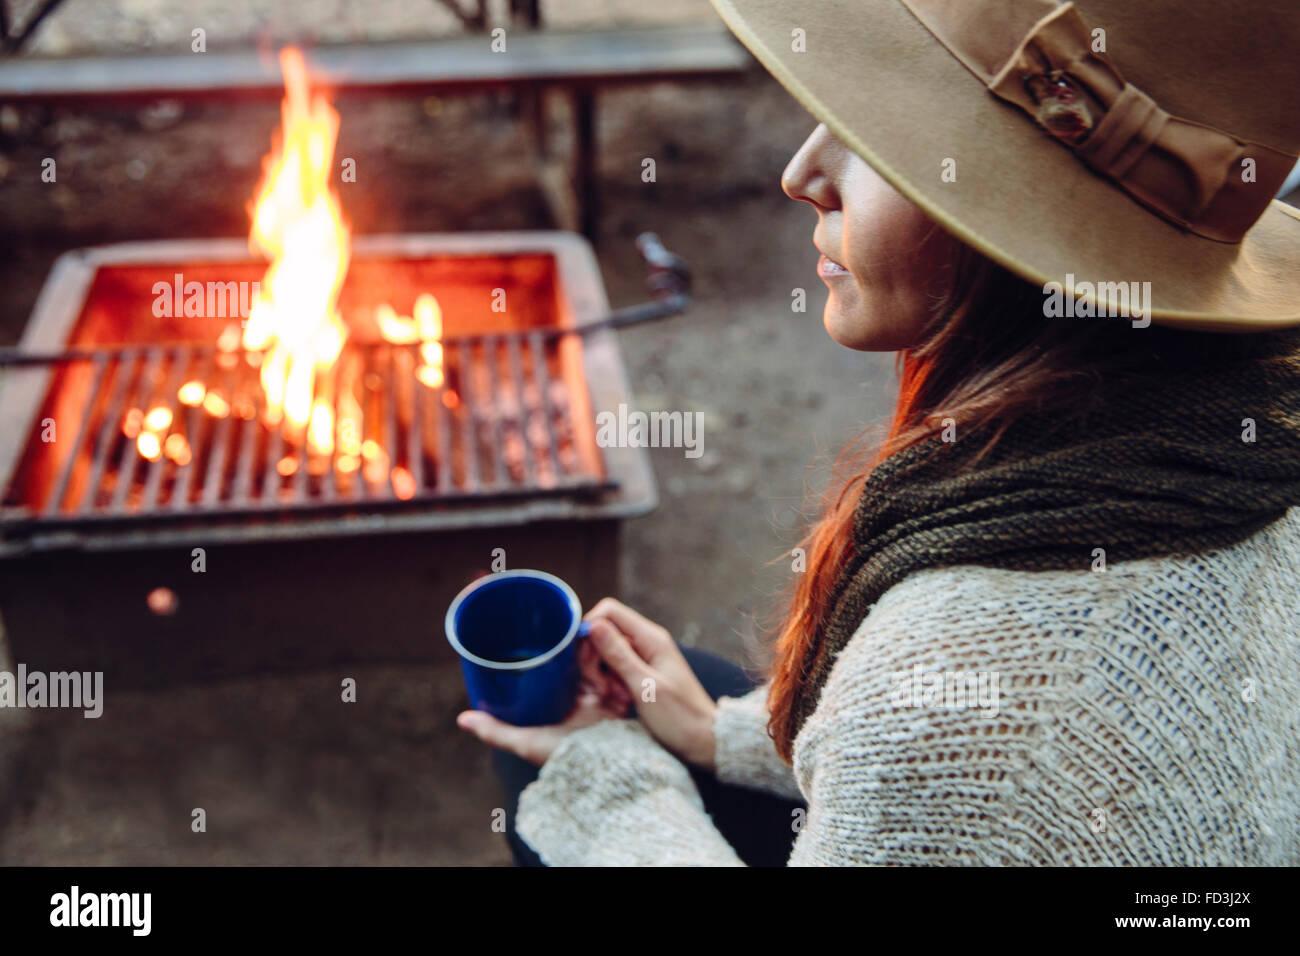 La donna gode di un accampamento momento con tazza da caffè Immagini Stock